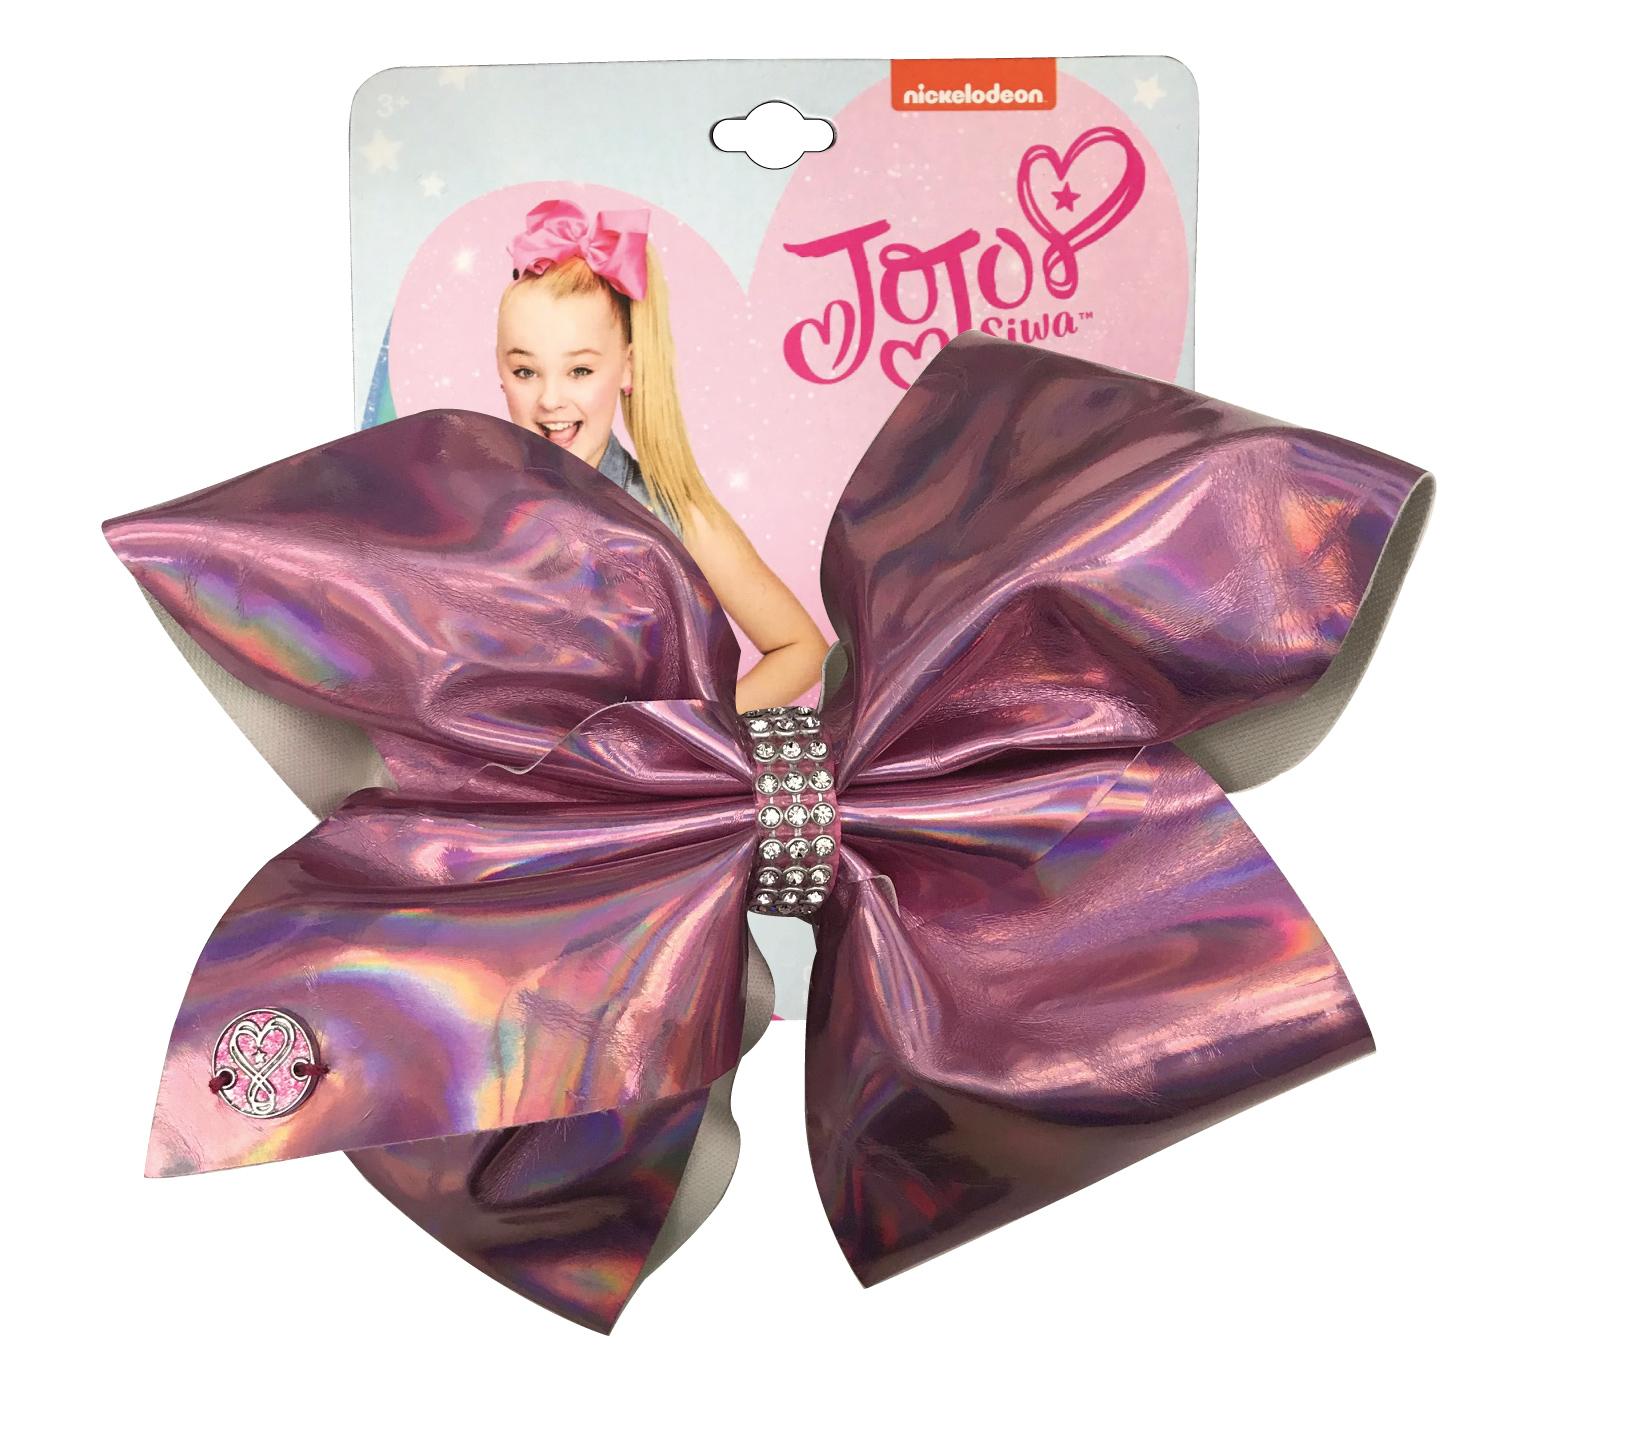 JoJo Siwa Large Cheer Hair Bow (Pink Metallic)